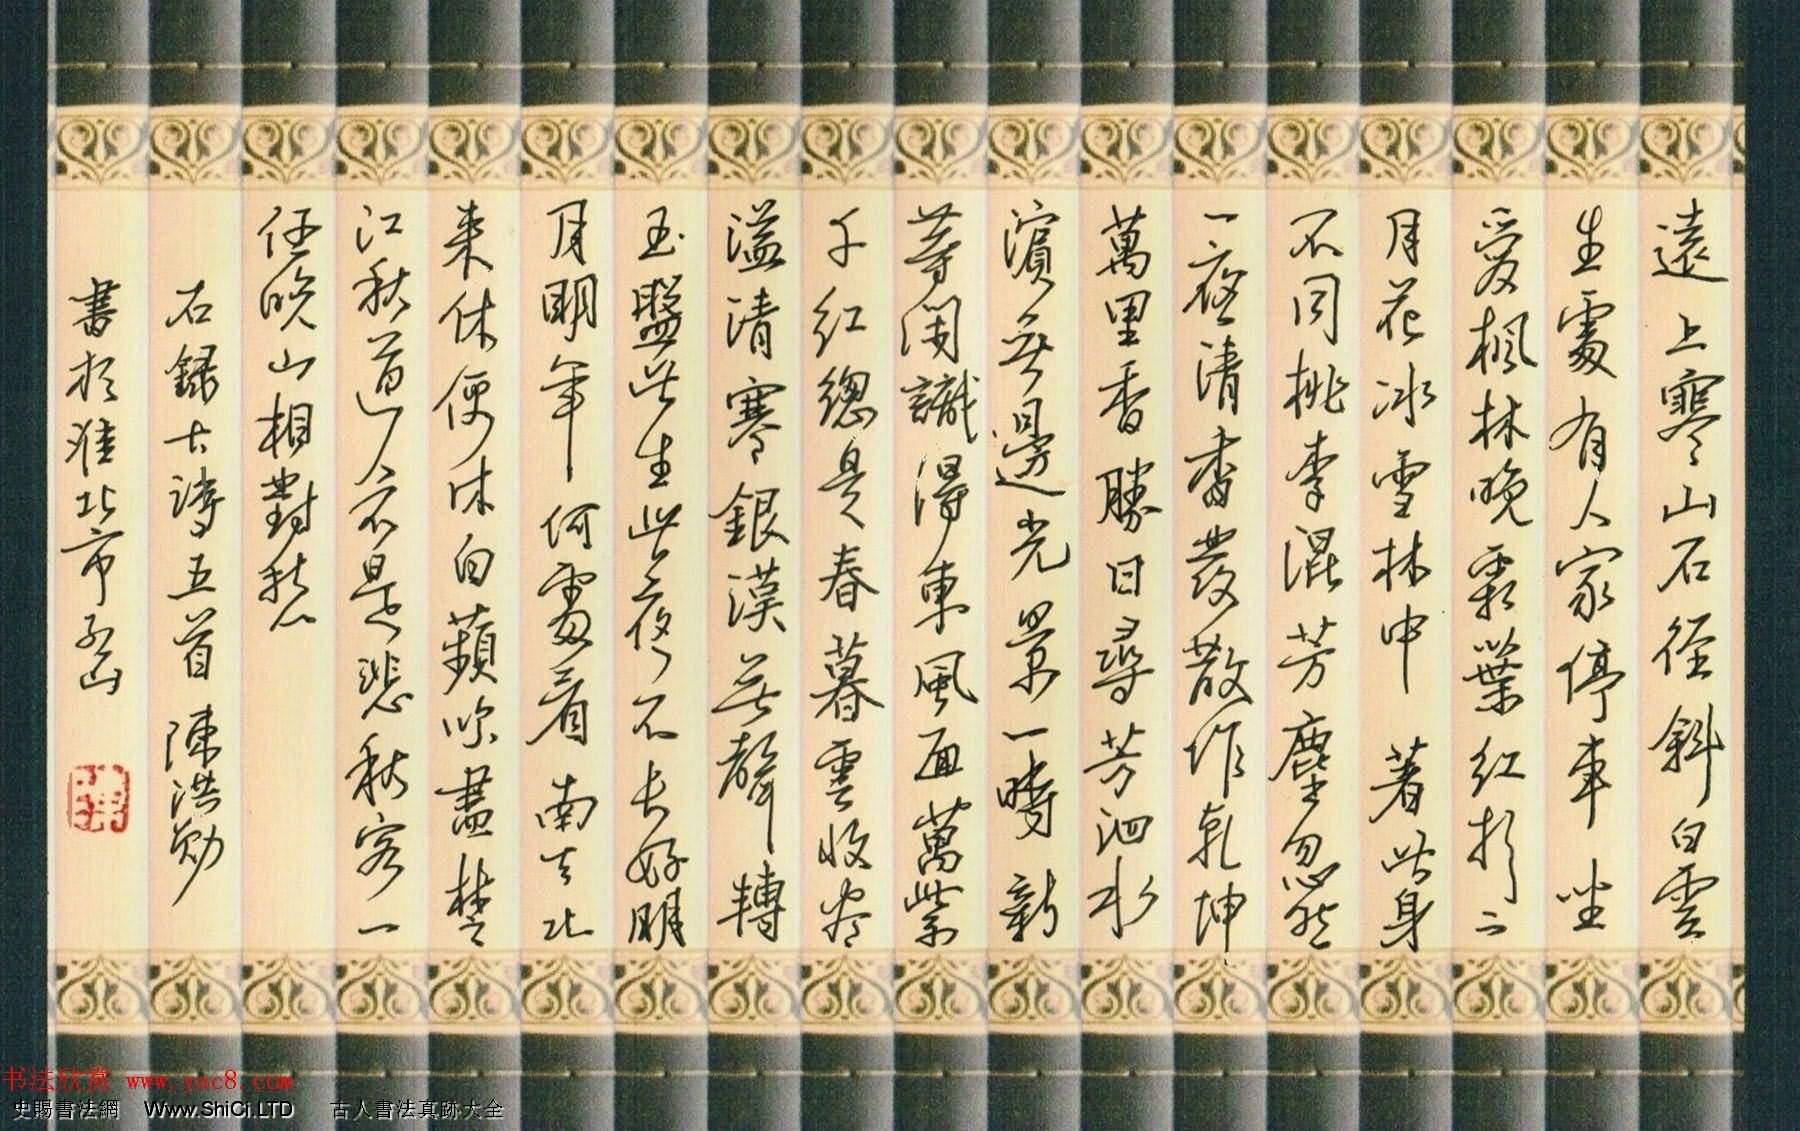 來稿選刊_陳洪勳中性筆書法作品四幅